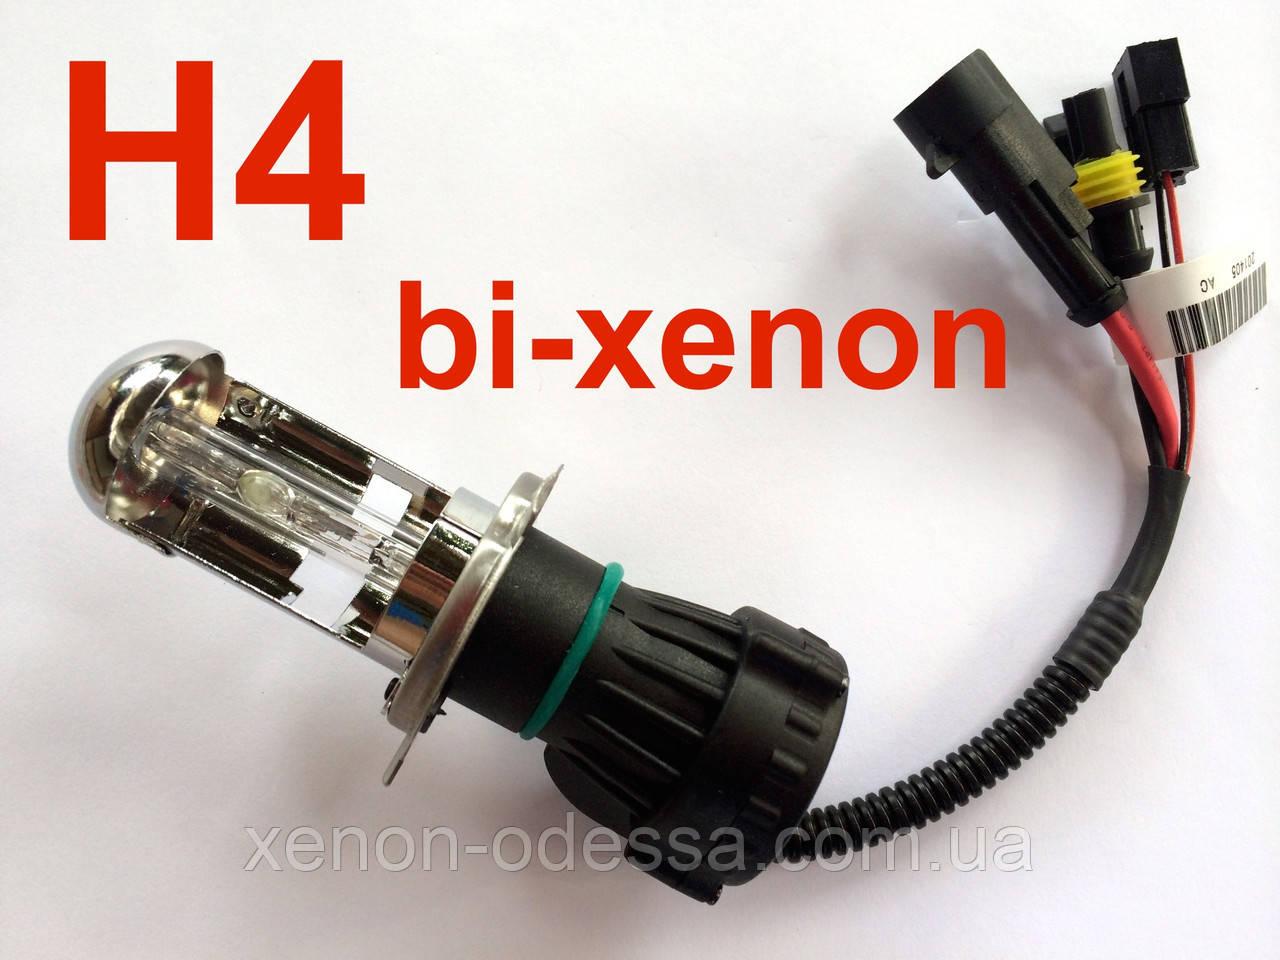 Лампа биксенон H4 4300 AС